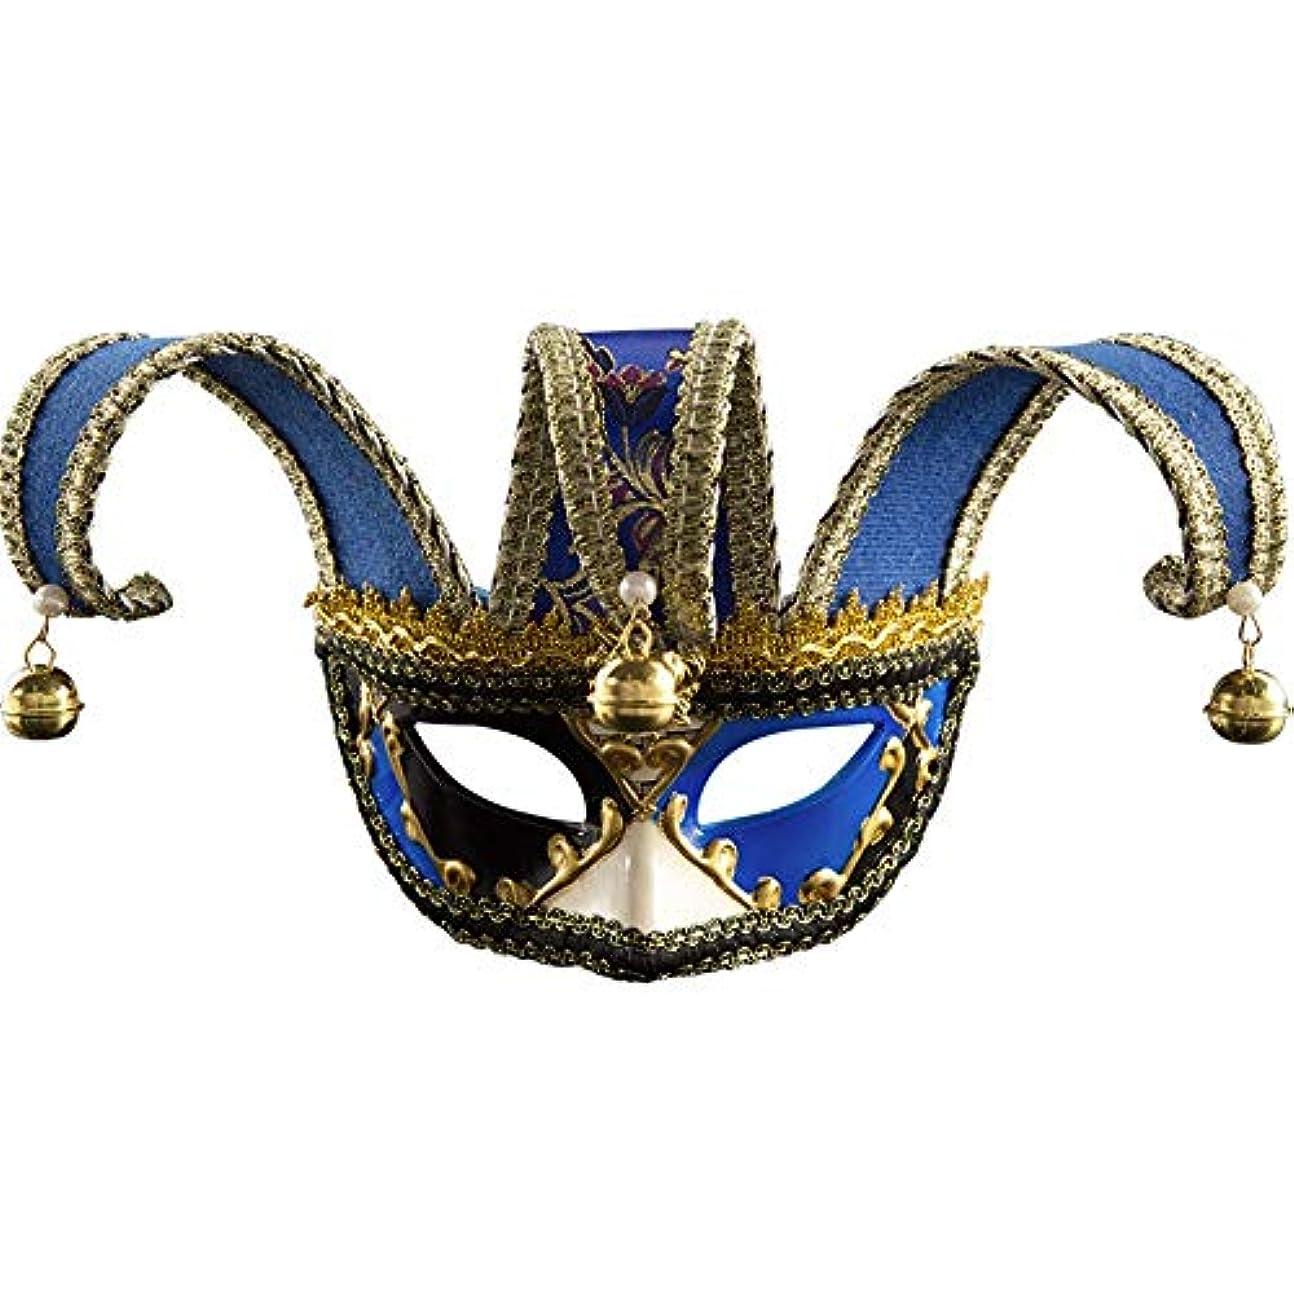 緩やかなアパル寄り添うダンスマスク ナイトクラブ音楽カーニバルマスク雰囲気クリスマスフェスティバルプラスチックマスクイブニングパーティーボール ホリデーパーティー用品 (色 : 青, サイズ : 16.5x29cm)